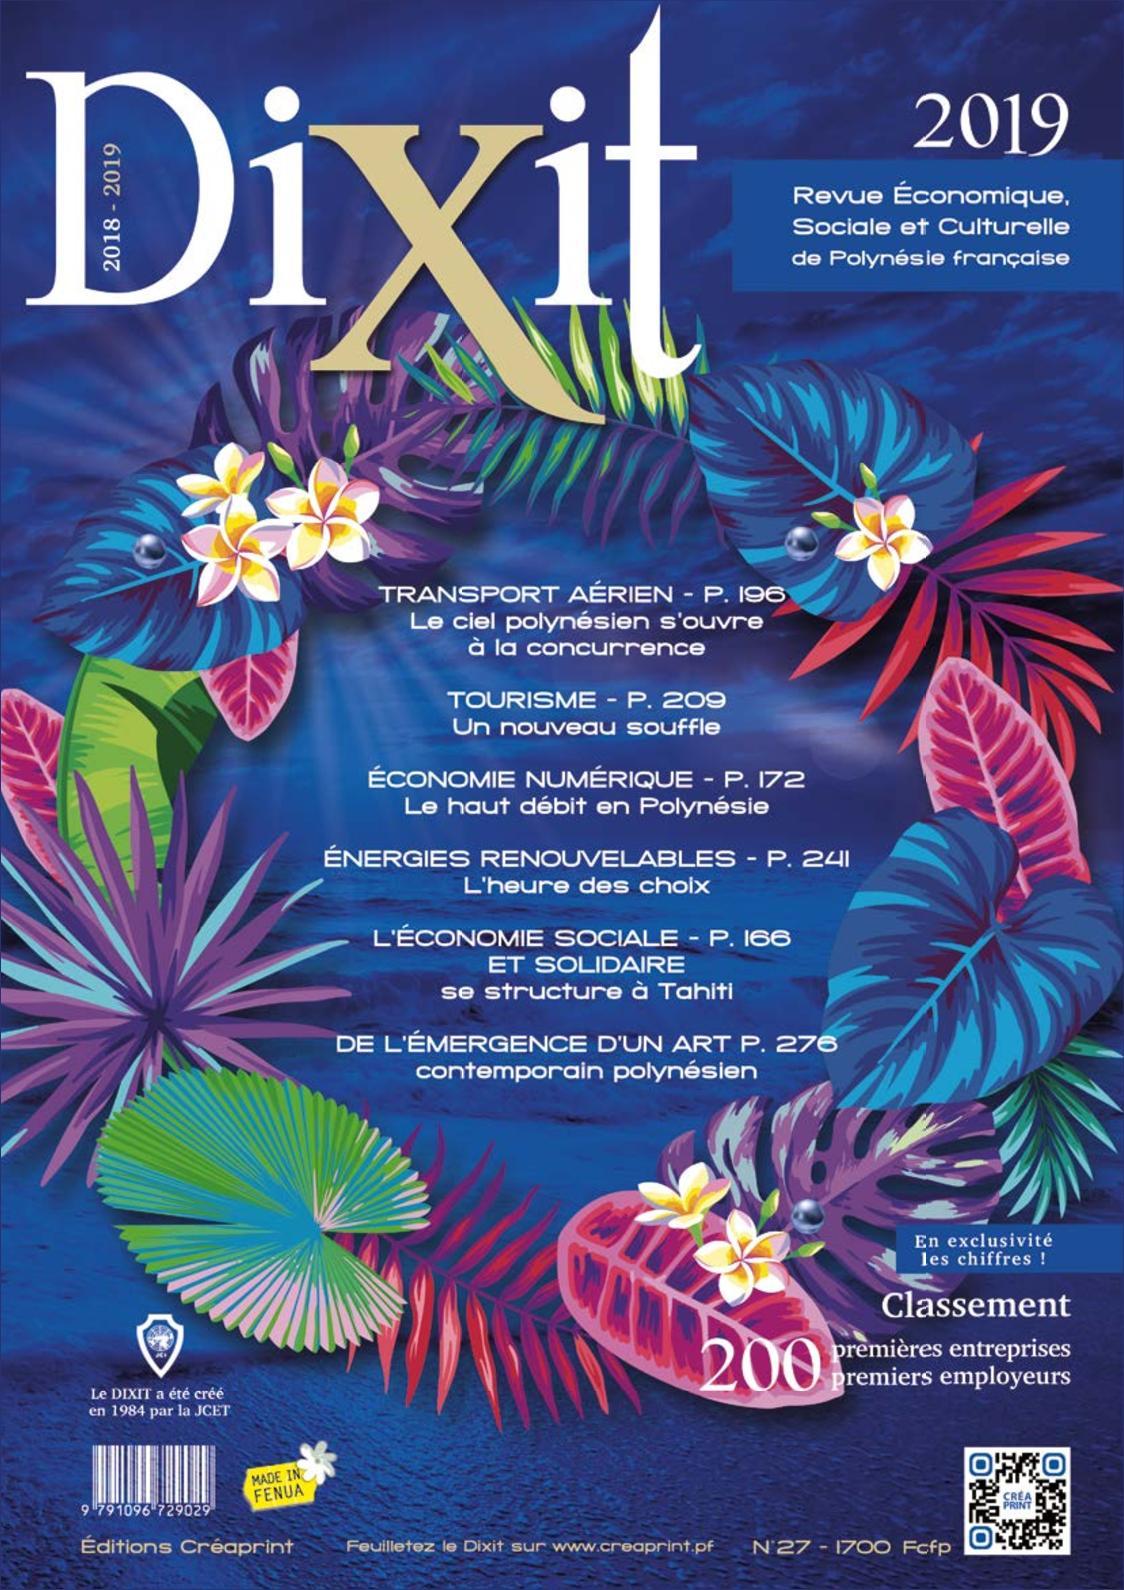 845084abc70c1 Calaméo - Magazine Dixit 2018-19